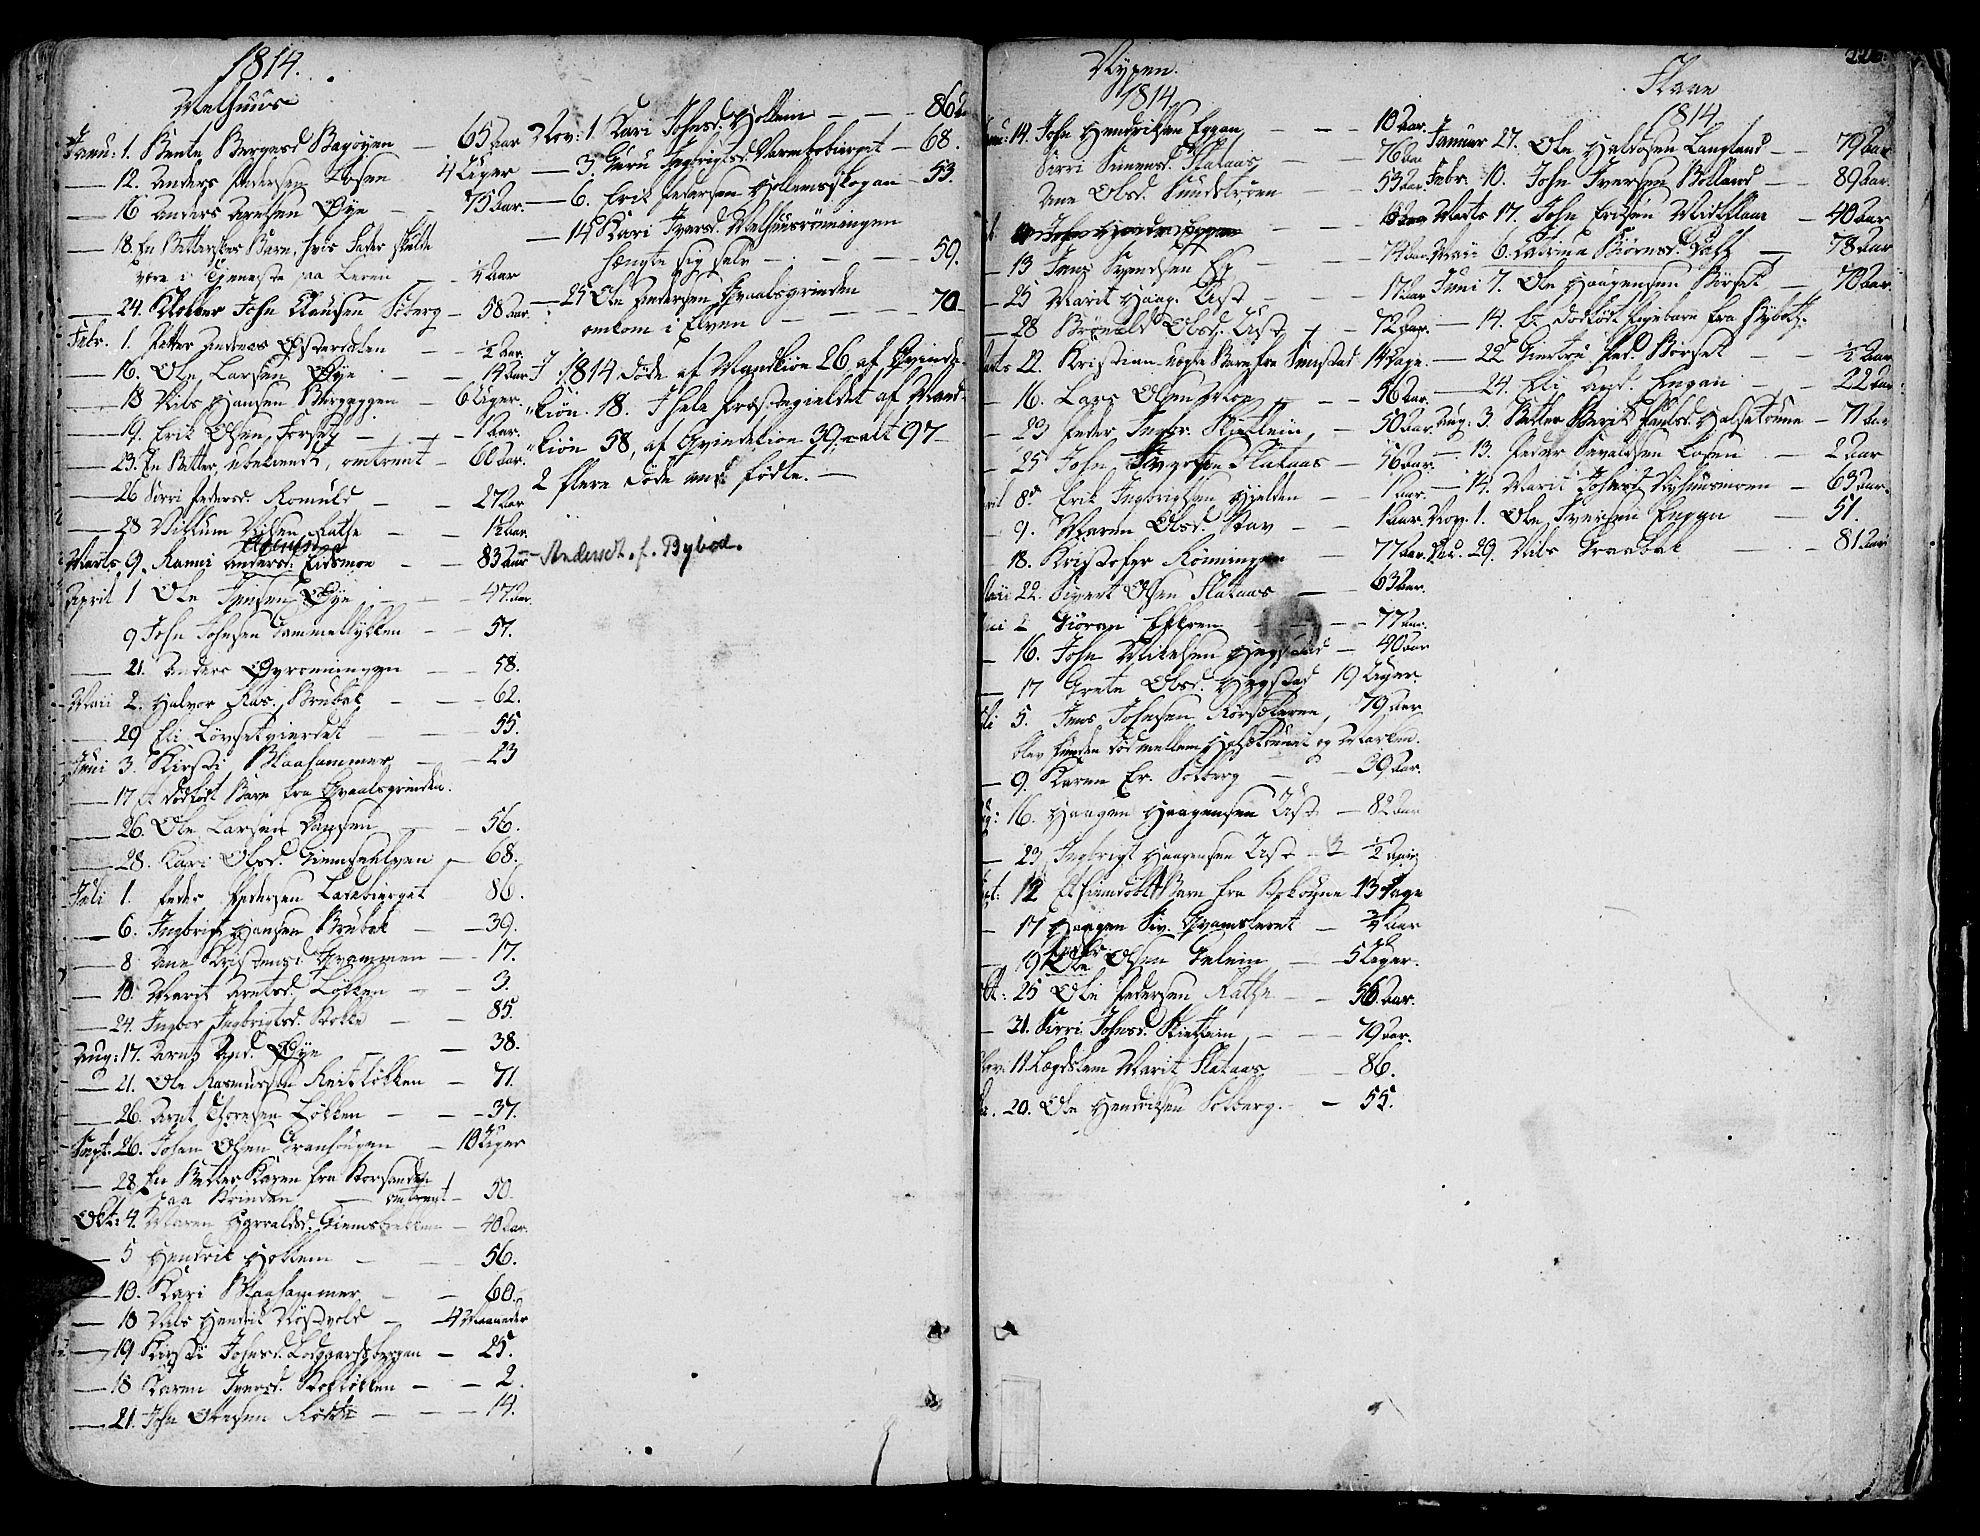 SAT, Ministerialprotokoller, klokkerbøker og fødselsregistre - Sør-Trøndelag, 691/L1061: Ministerialbok nr. 691A02 /1, 1768-1815, s. 226